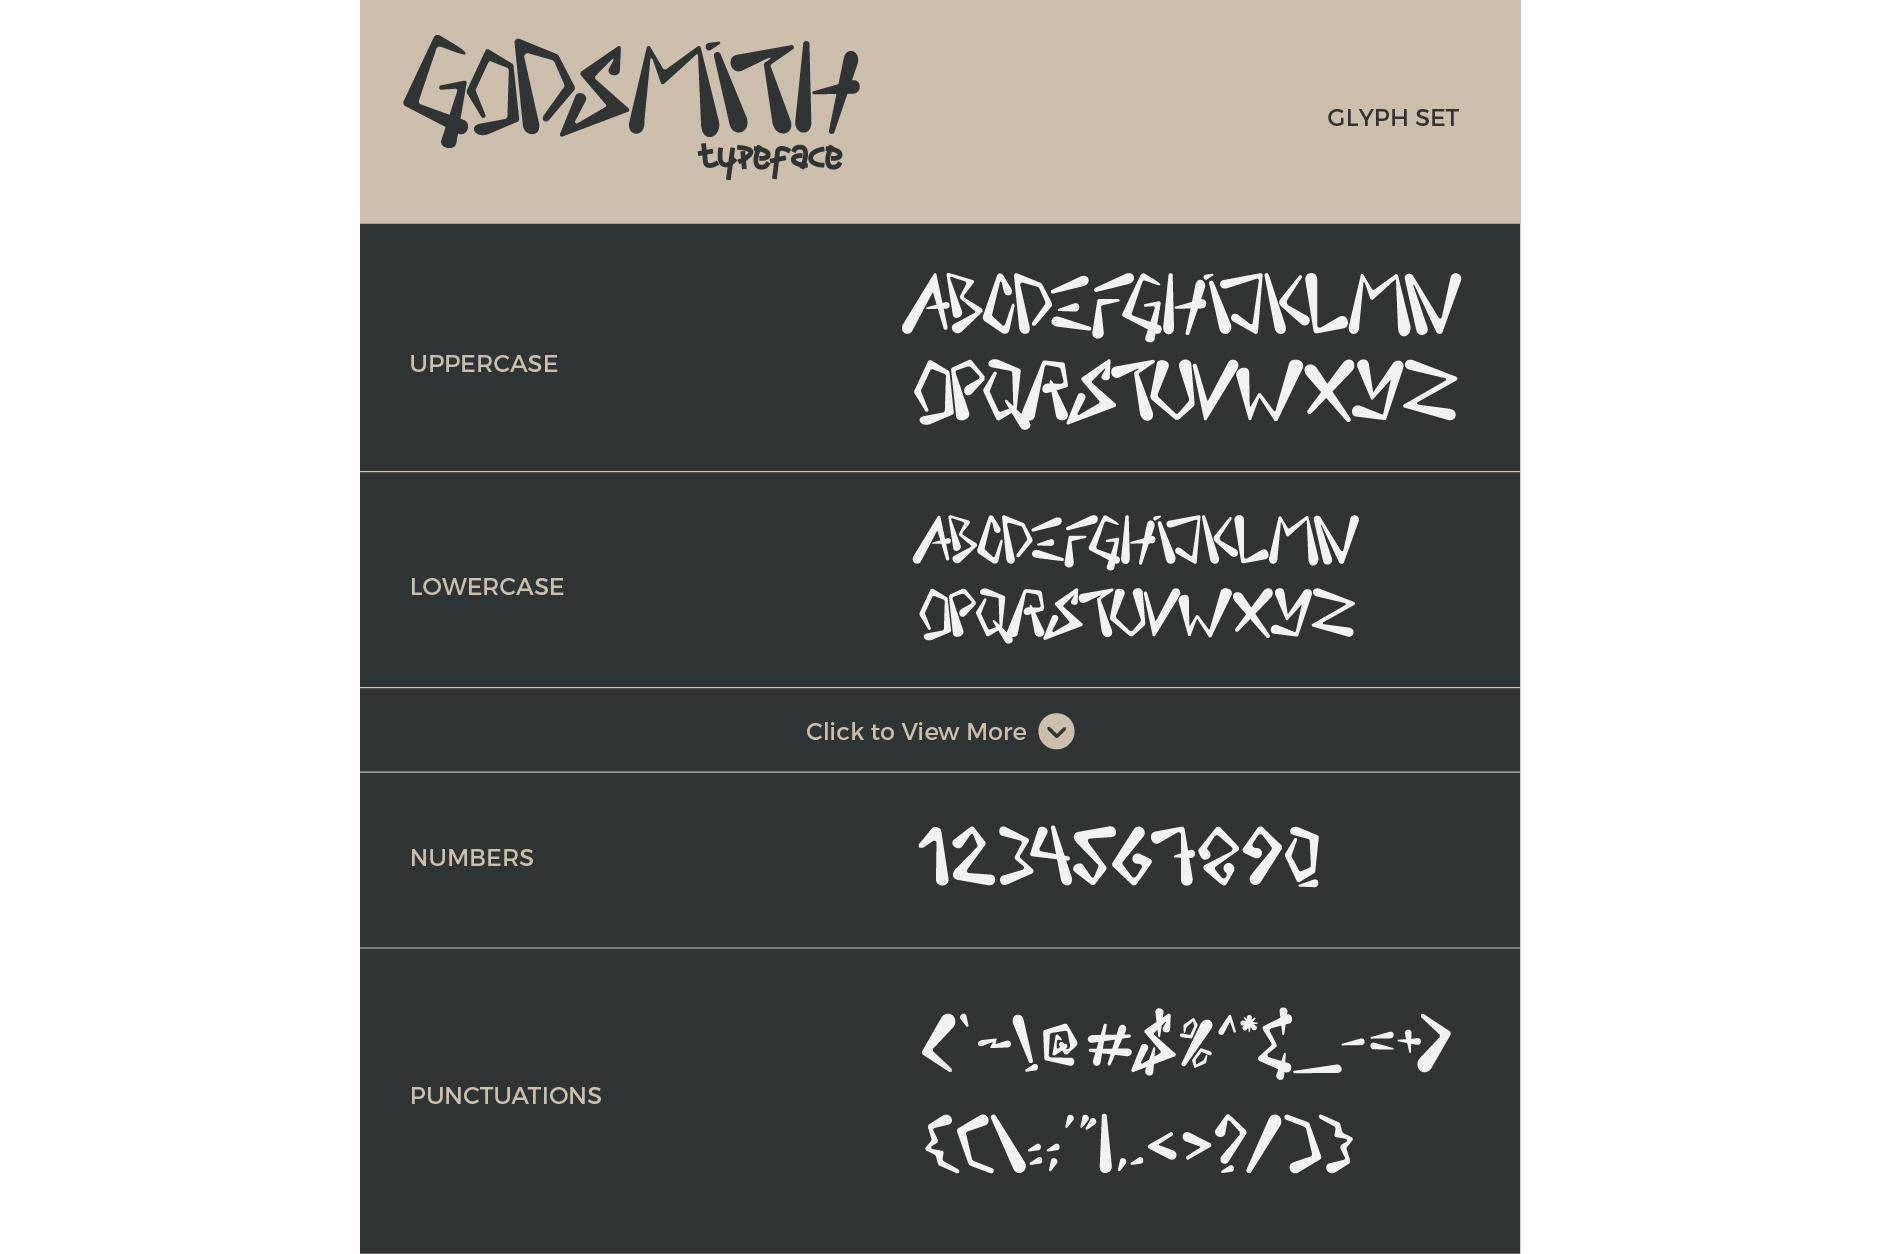 Godsmith Typeface example image 6